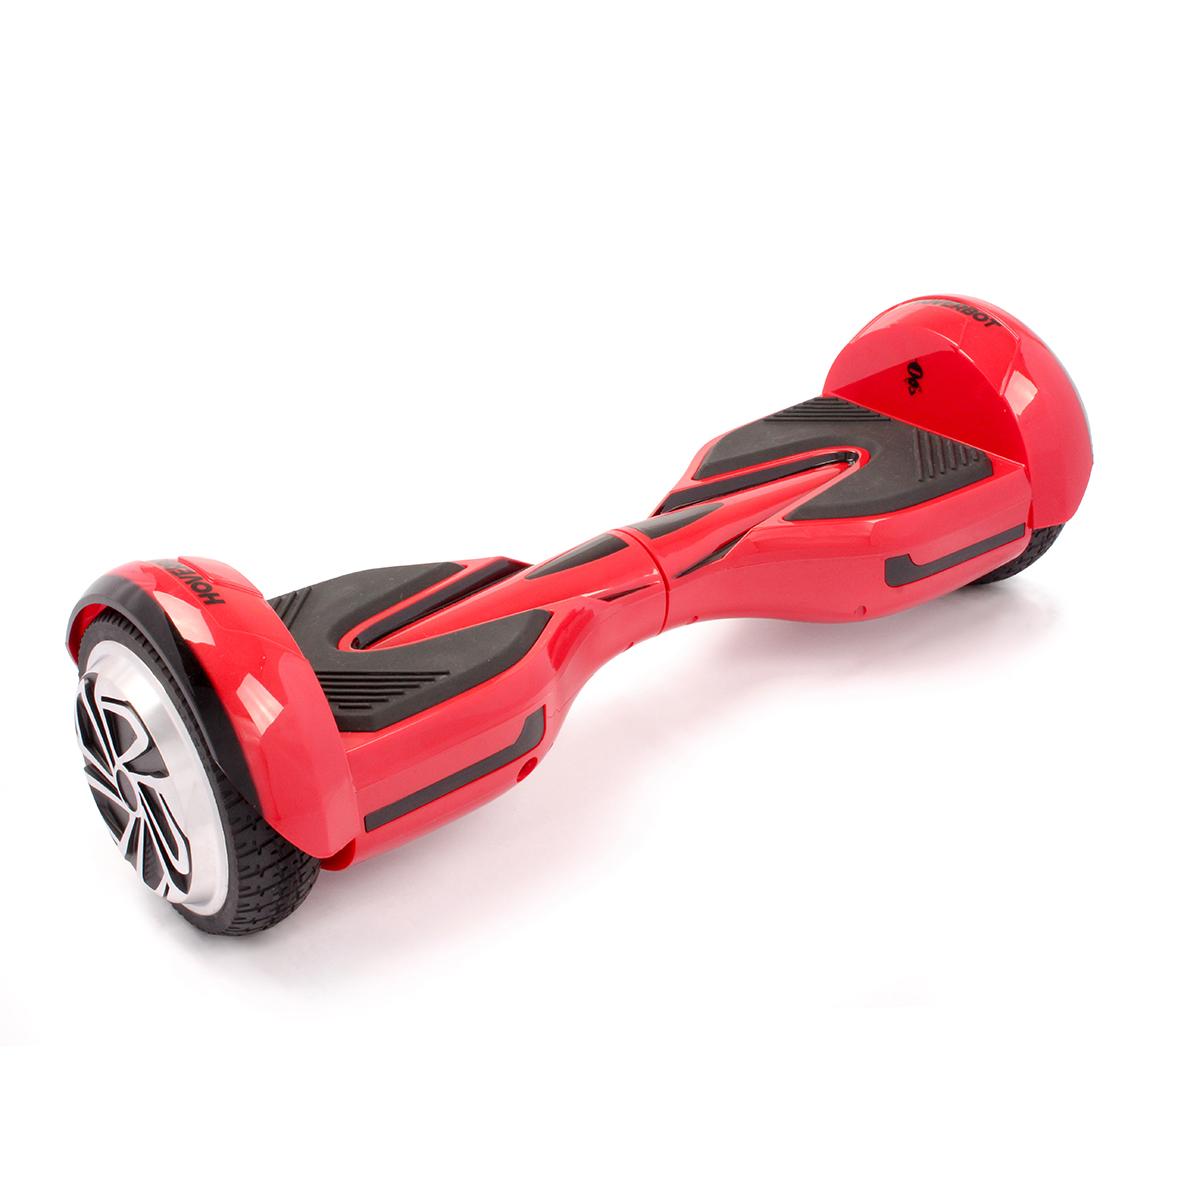 """Гироскутер Hoverbot A-12 (H-2), цвет: красныйAIRWHEEL S6-260WHГироскутер Hoverbot A12 имеет современный спортивный дизайн, который располагаетк быстрой езде. Данная модель отлично подойдёт для опытных пользователей.Устройство по праву занимает одно из достойных мест в классе 6,5 колёс. Имея большойзапас хода и мощный мотор (2х400W) Hoverbot A12, бесшумно преодолевает расстояниев 15 км на одном заряде батареи. Хорошее сцепление с дорогой и устойчивый ход бордаA12 позволяет опытным райдерам быстро набирать скорость и успешно маневрироватьдаже в самых экстремальных ситуациях. Покупая Hoverbot A12 вы покупаете не толькосредство для развлечения, но и универсальное средство передвижения, которое можнолегко брать с собой в дорогу, поскольку он компактен и помещается в любую машину.Благодаря своему небольшому весу (10 кг) вы легко можете взять его в руки зацентральную часть борда и перенести через препятствие, продолжить свой путь вавтобусе, либо в метро. Hoverbot А12 оснащён передними ходовыми огнями игабаритами сзади. Вся подсветка выполнена из светодиодных лампочек и имеет долгийсрок службы.Характеристики:1. Цвета: black, yellow, red2. Возможная дистанция: 15 км3. Максимальная скорость: 15 км/ч4. Аккумулятор: Lithium 4.4 Ah5. Размер колеса: 6,5"""" (165 мм)6. Мощность мотора: 2х400 W7. Максимальная нагрузка: 120 кг8. Время заряда/сеть: 120 мин/220В9. Вес нетто: 10 кг10. Вес брутто: 11,5 кг11. Влагозащита: IP5412. Условия эксплуатации: 10°C до +50°C13. Размер коробки: 675х260х26514. Комплектация/особенности: Зарядное устройство."""